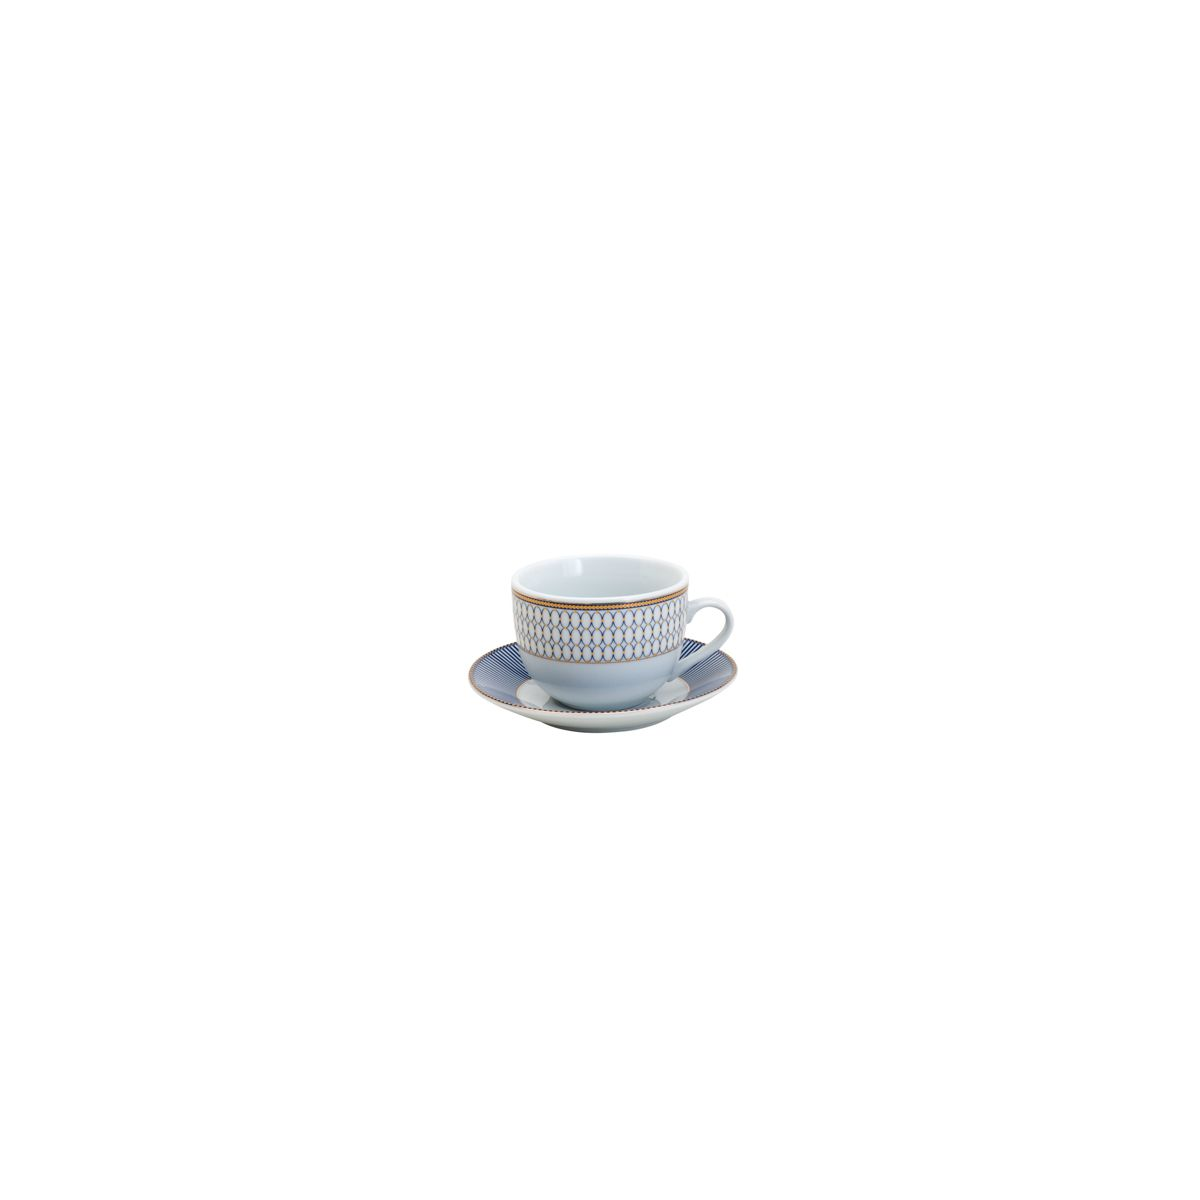 Jogo de Jantar 42pc Porcelana Super White Geométrico Azul